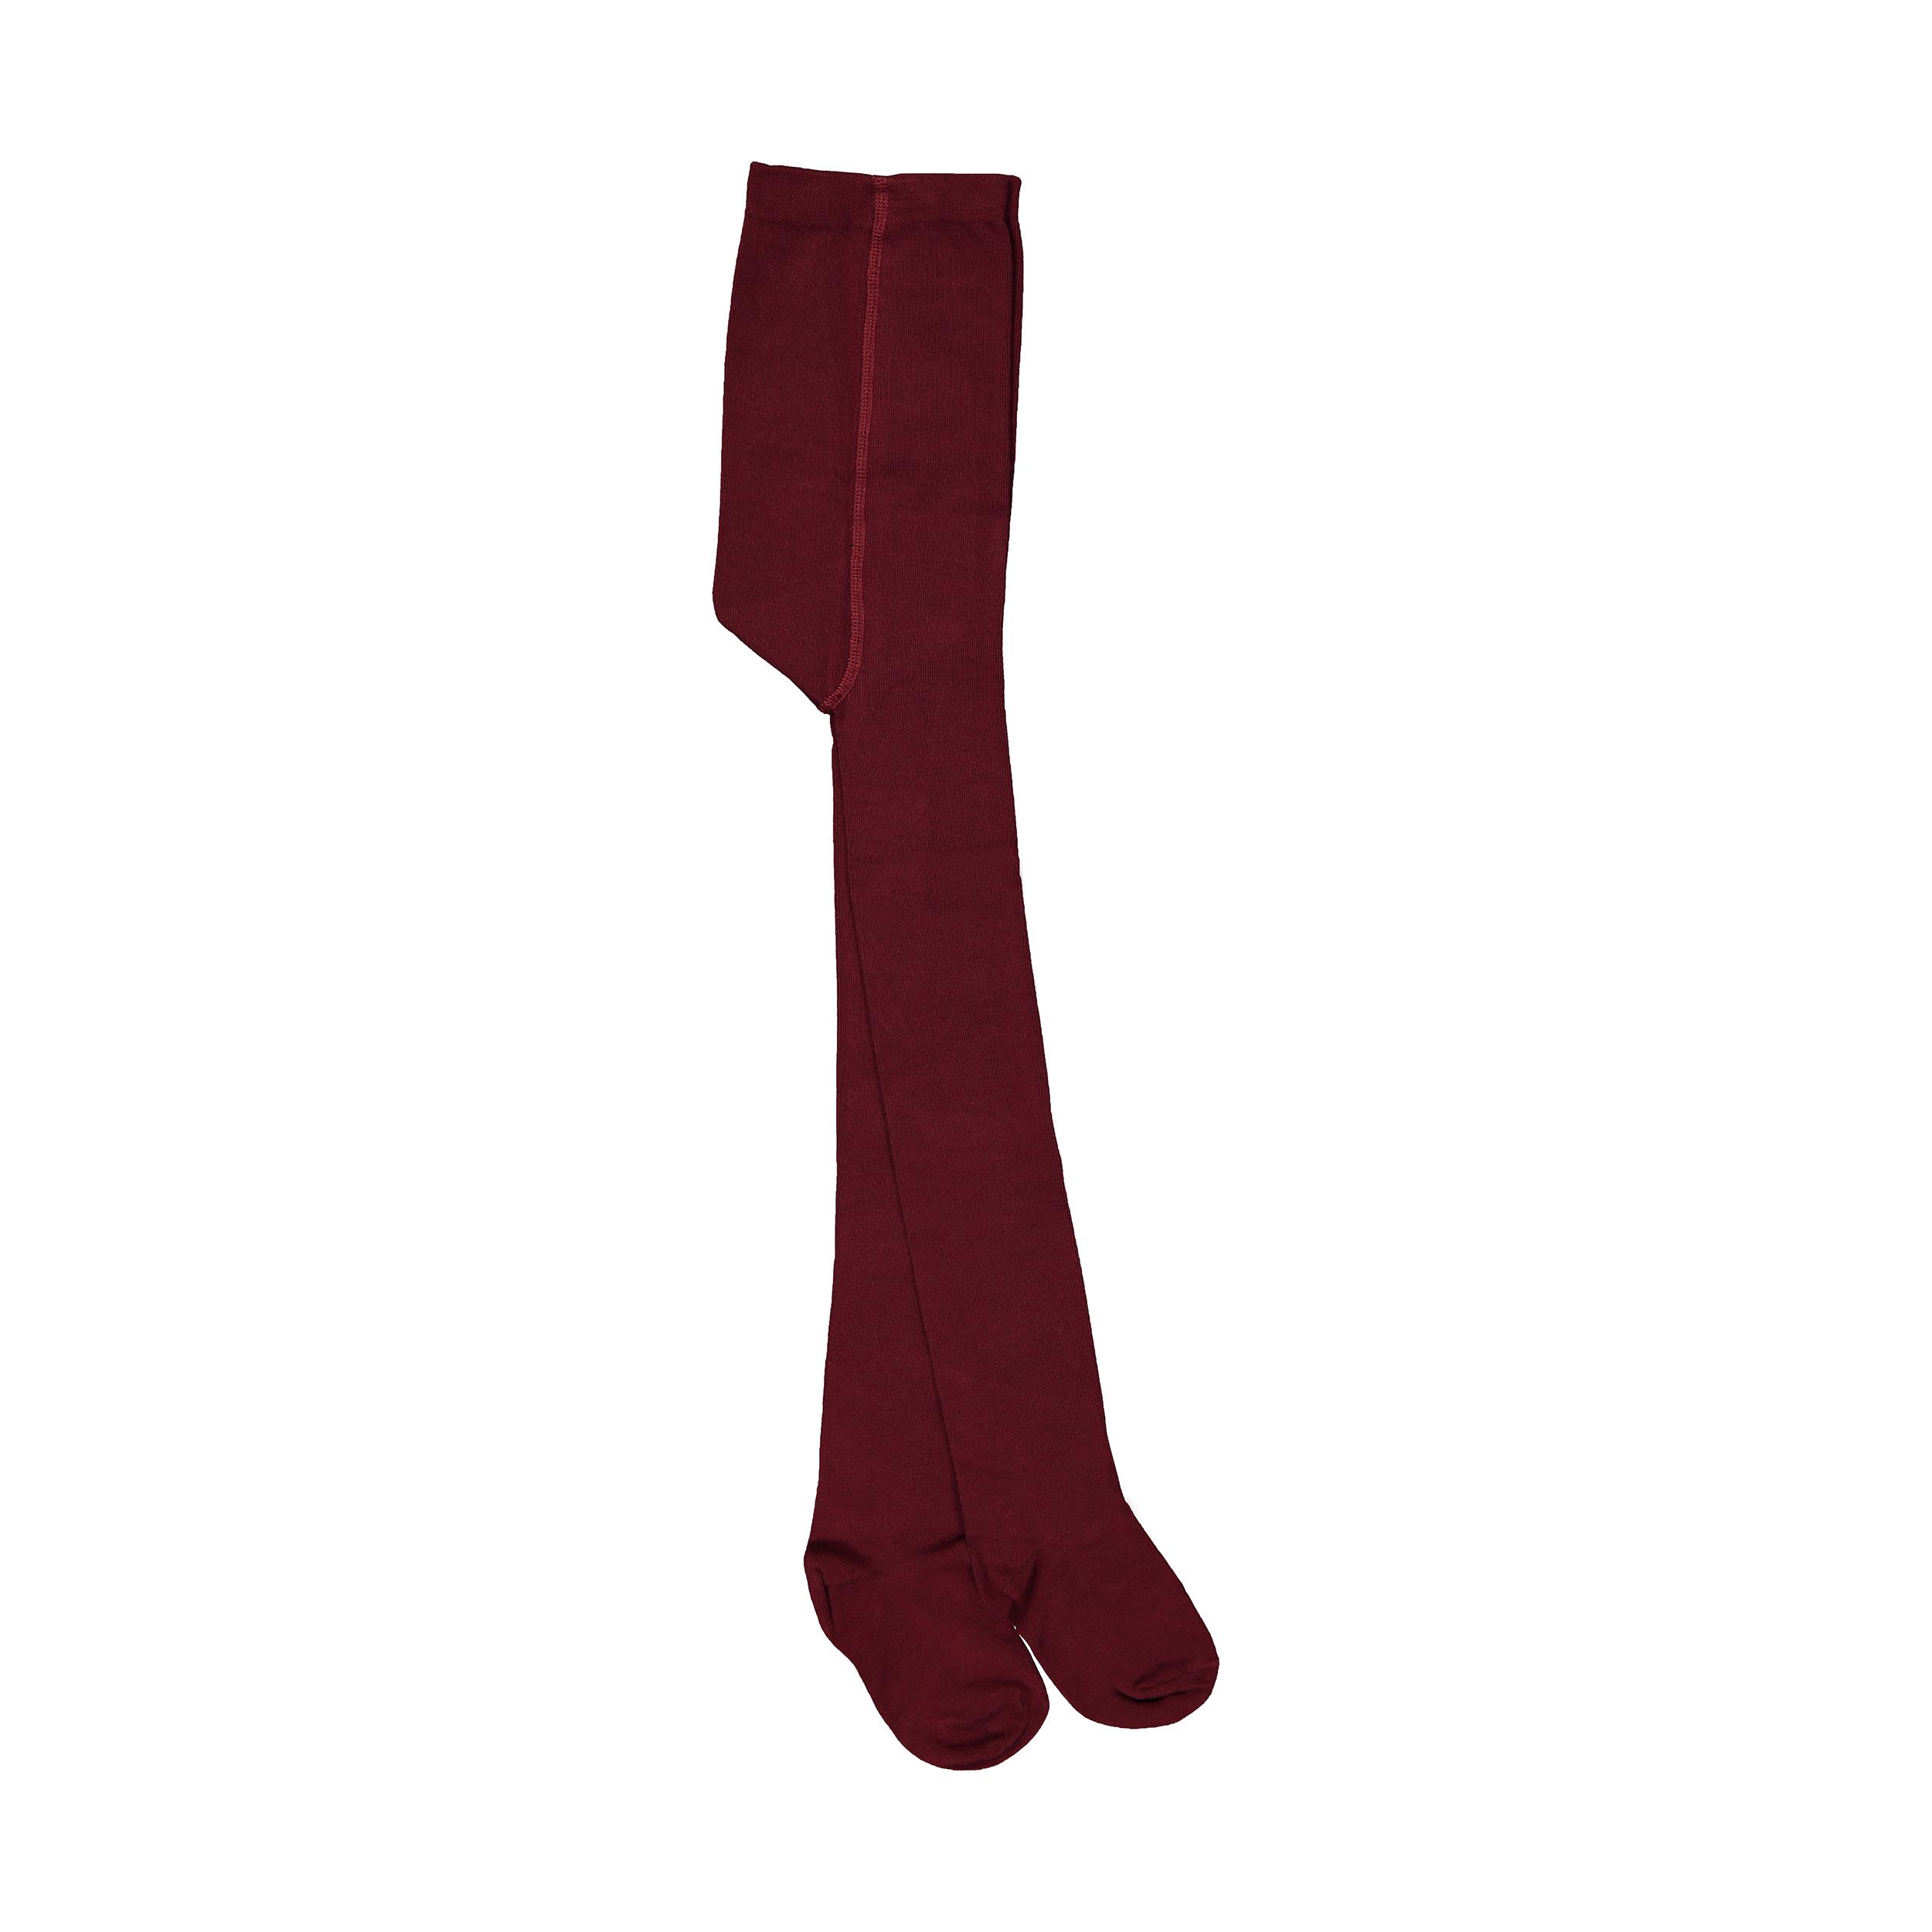 جوراب شلواری دخترانه آی چیلک مدل 24631068-70